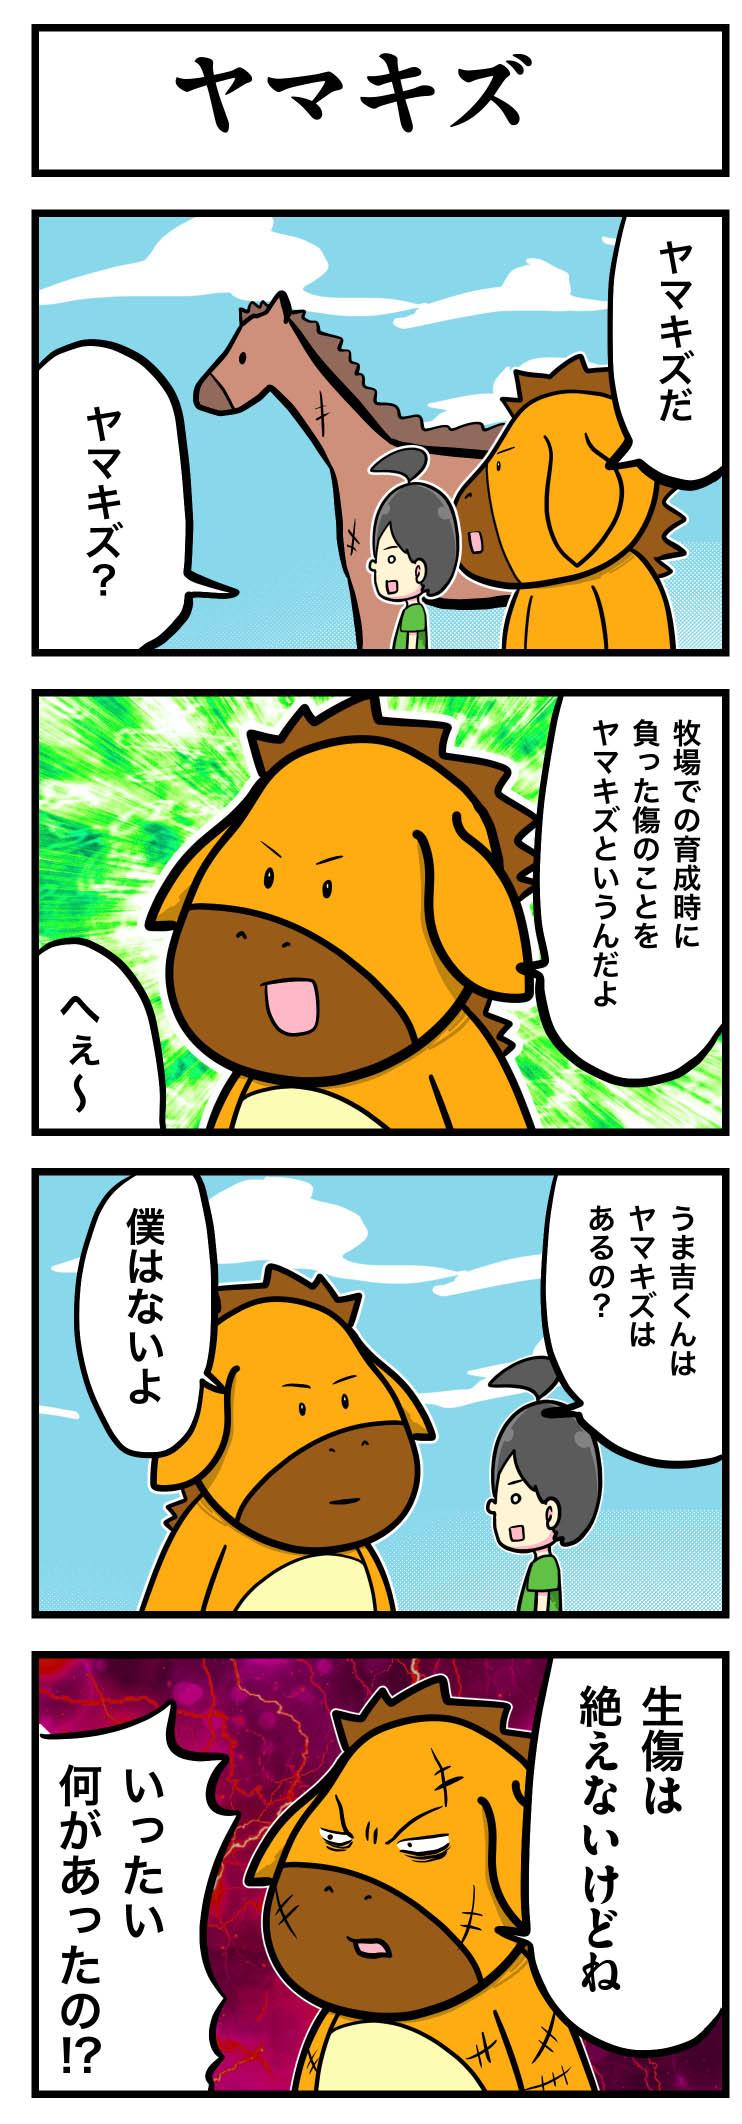 ヤマキズ【うま吉の鉄板穴馬マンガ】